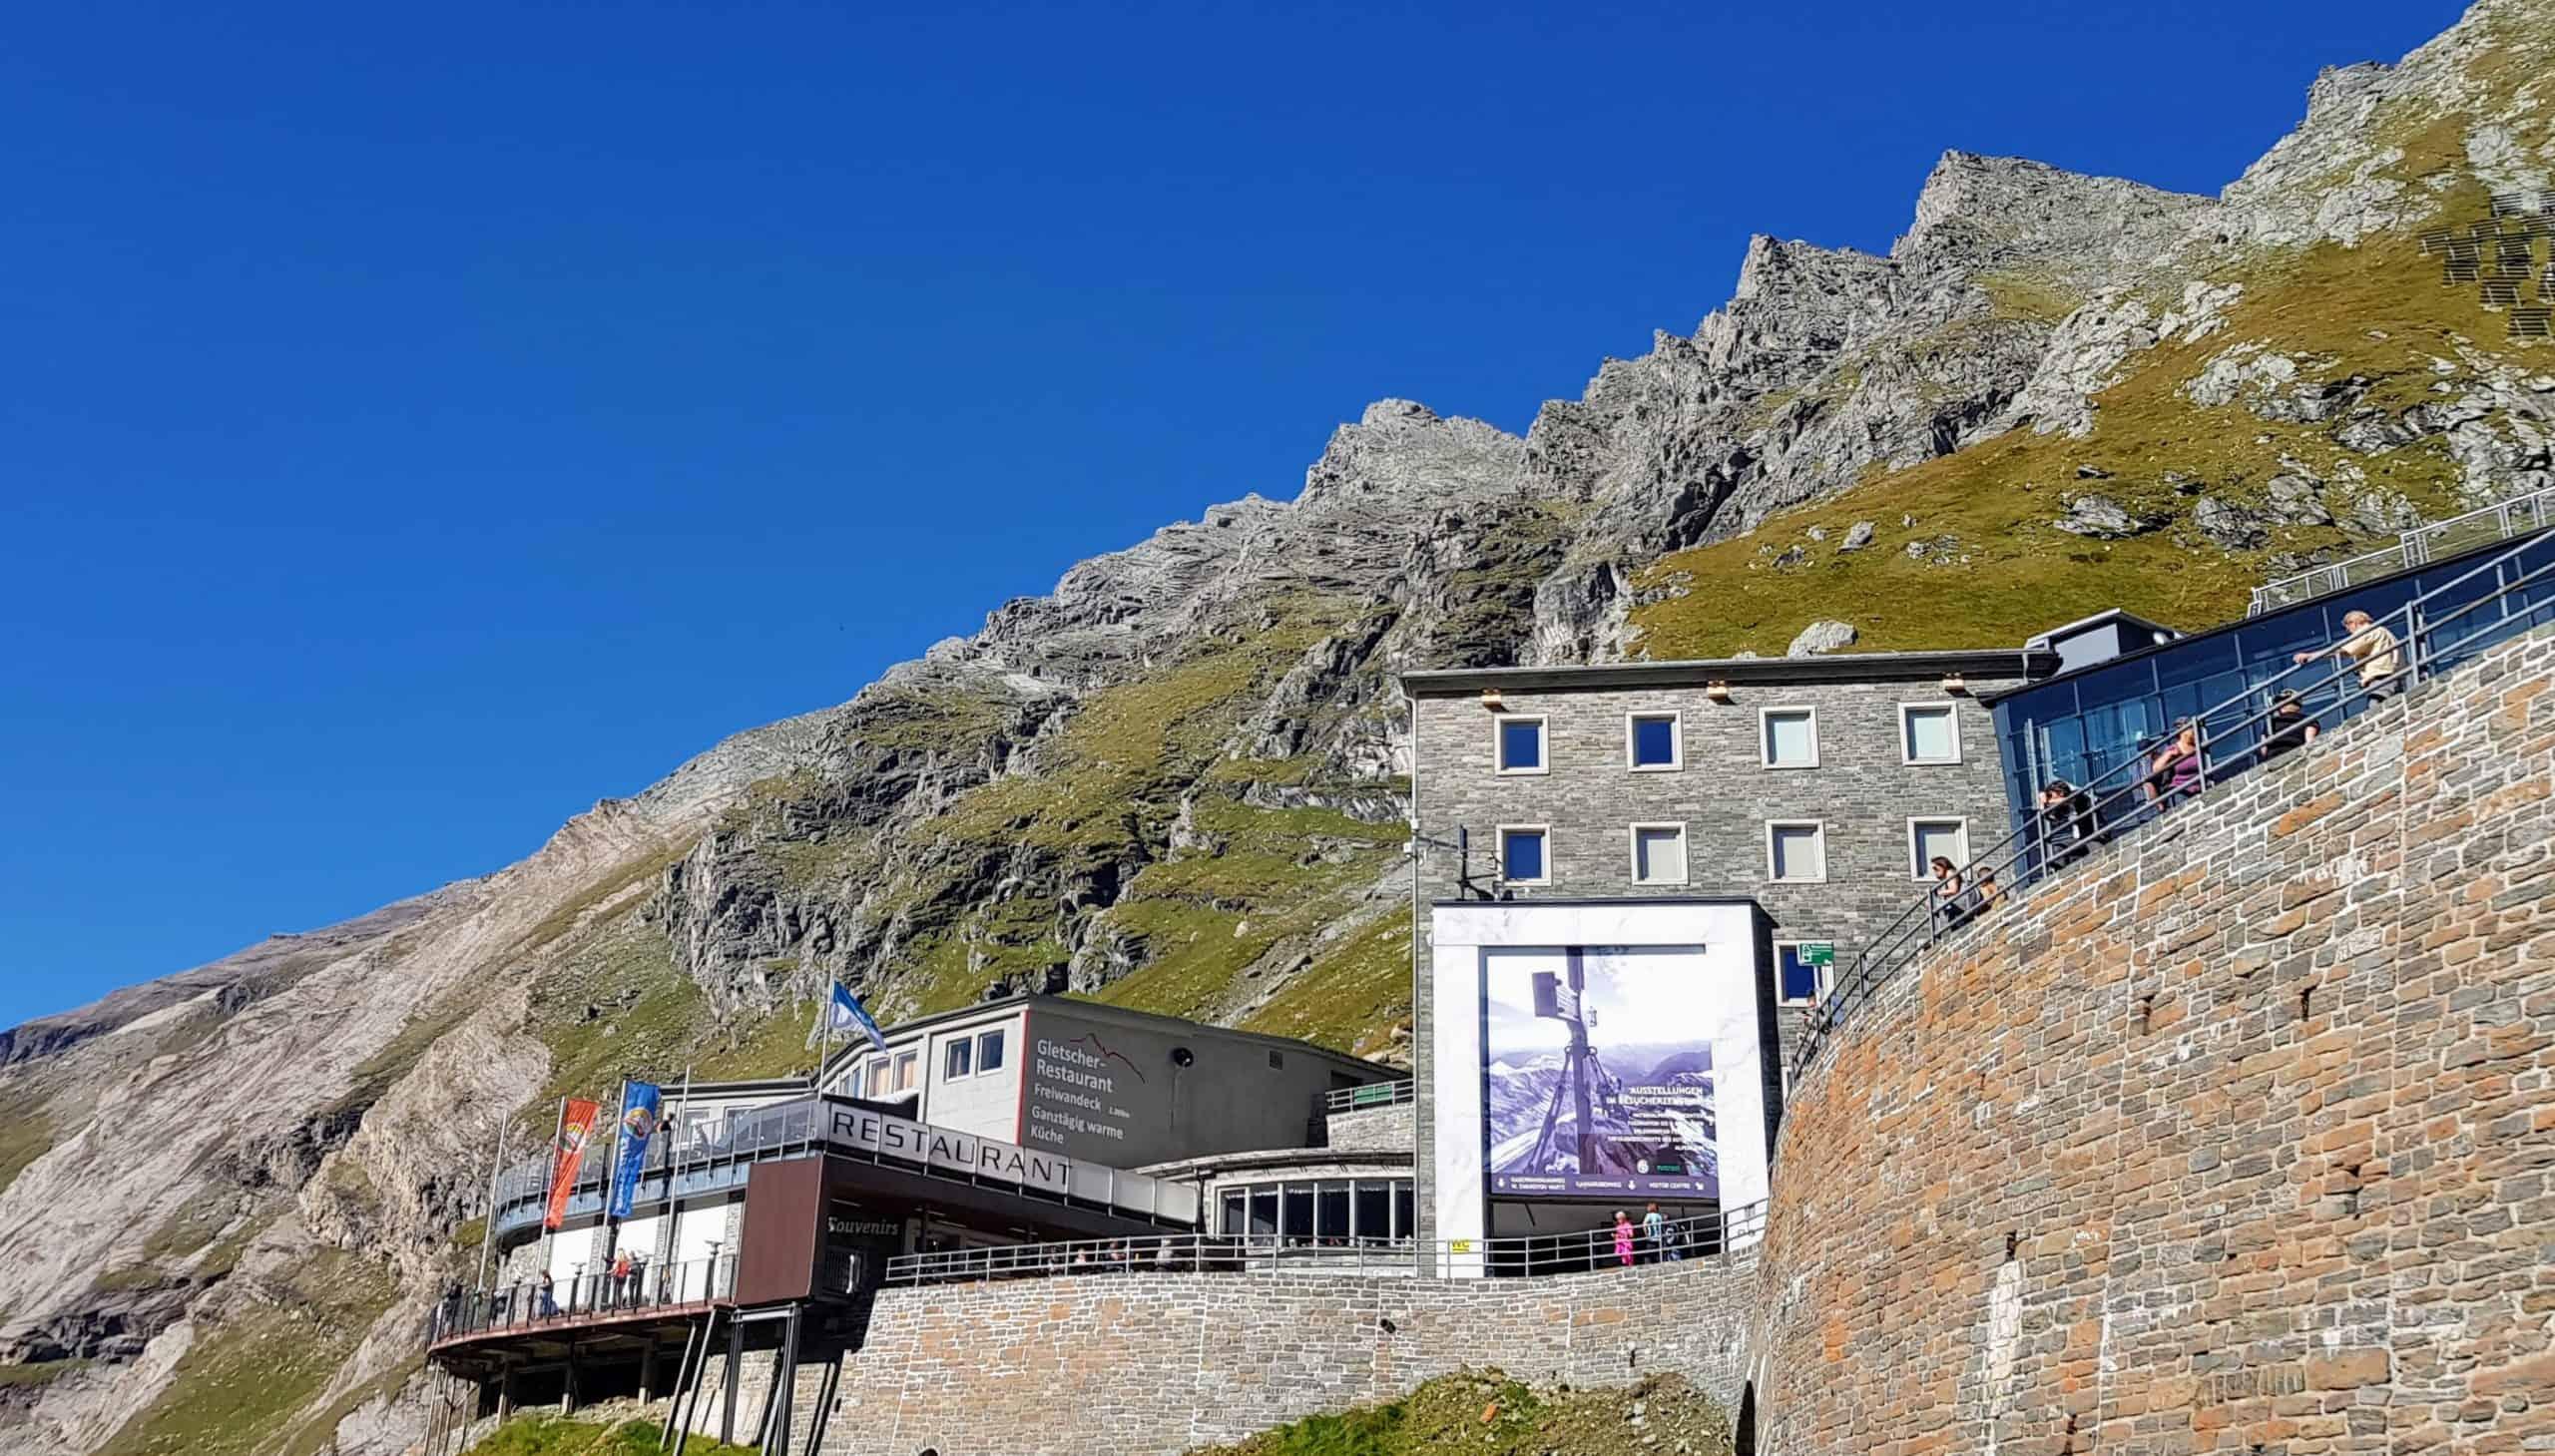 Restaurant & Besucherzentrum auf Kaiser Franz Josefs Höhe bei Grossglockner Hochalpenstrasse - Österreich